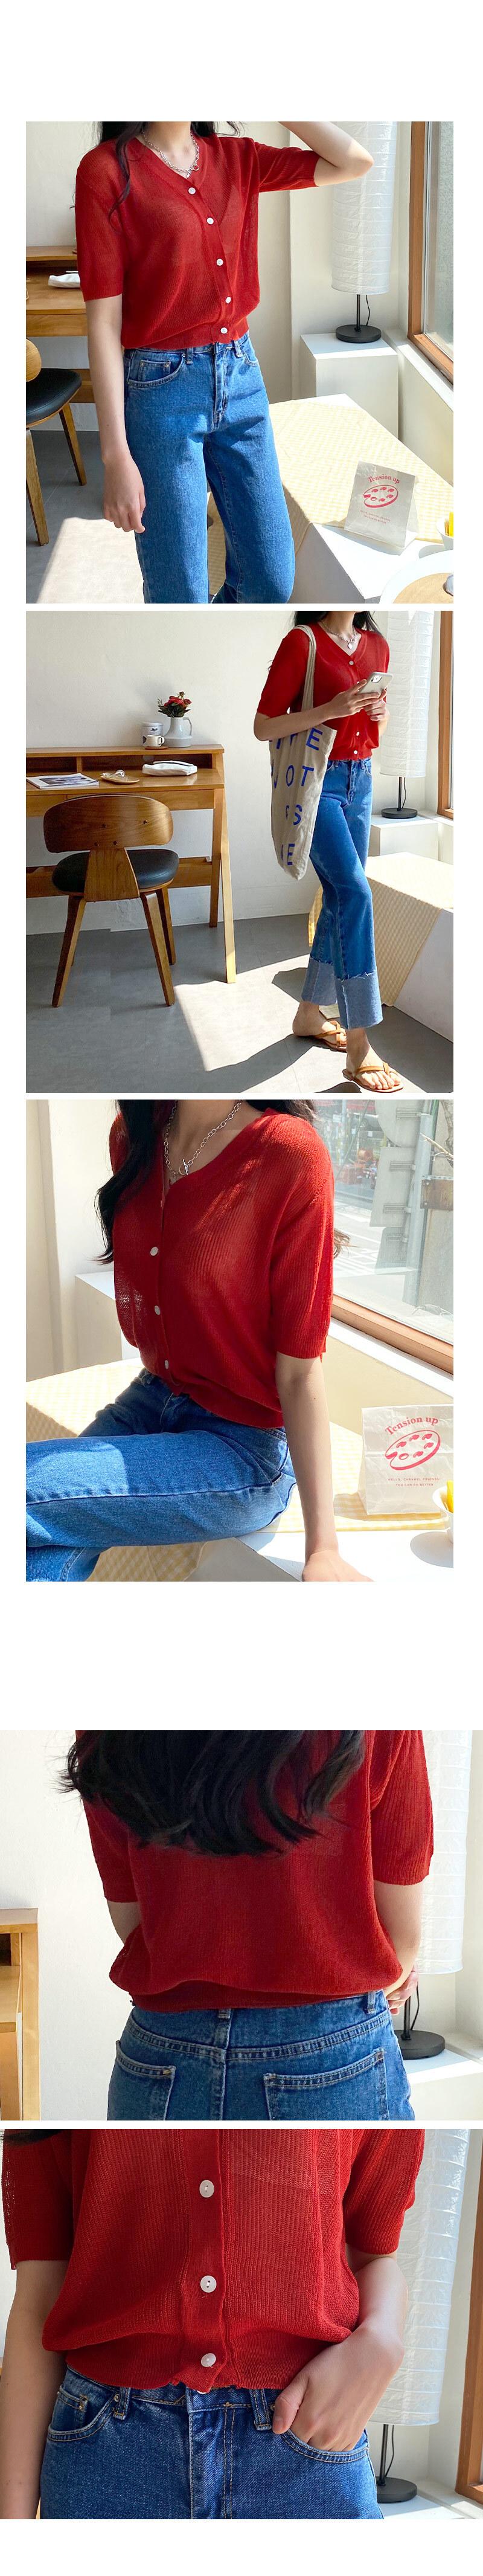 Niven V short-sleeved cardigan